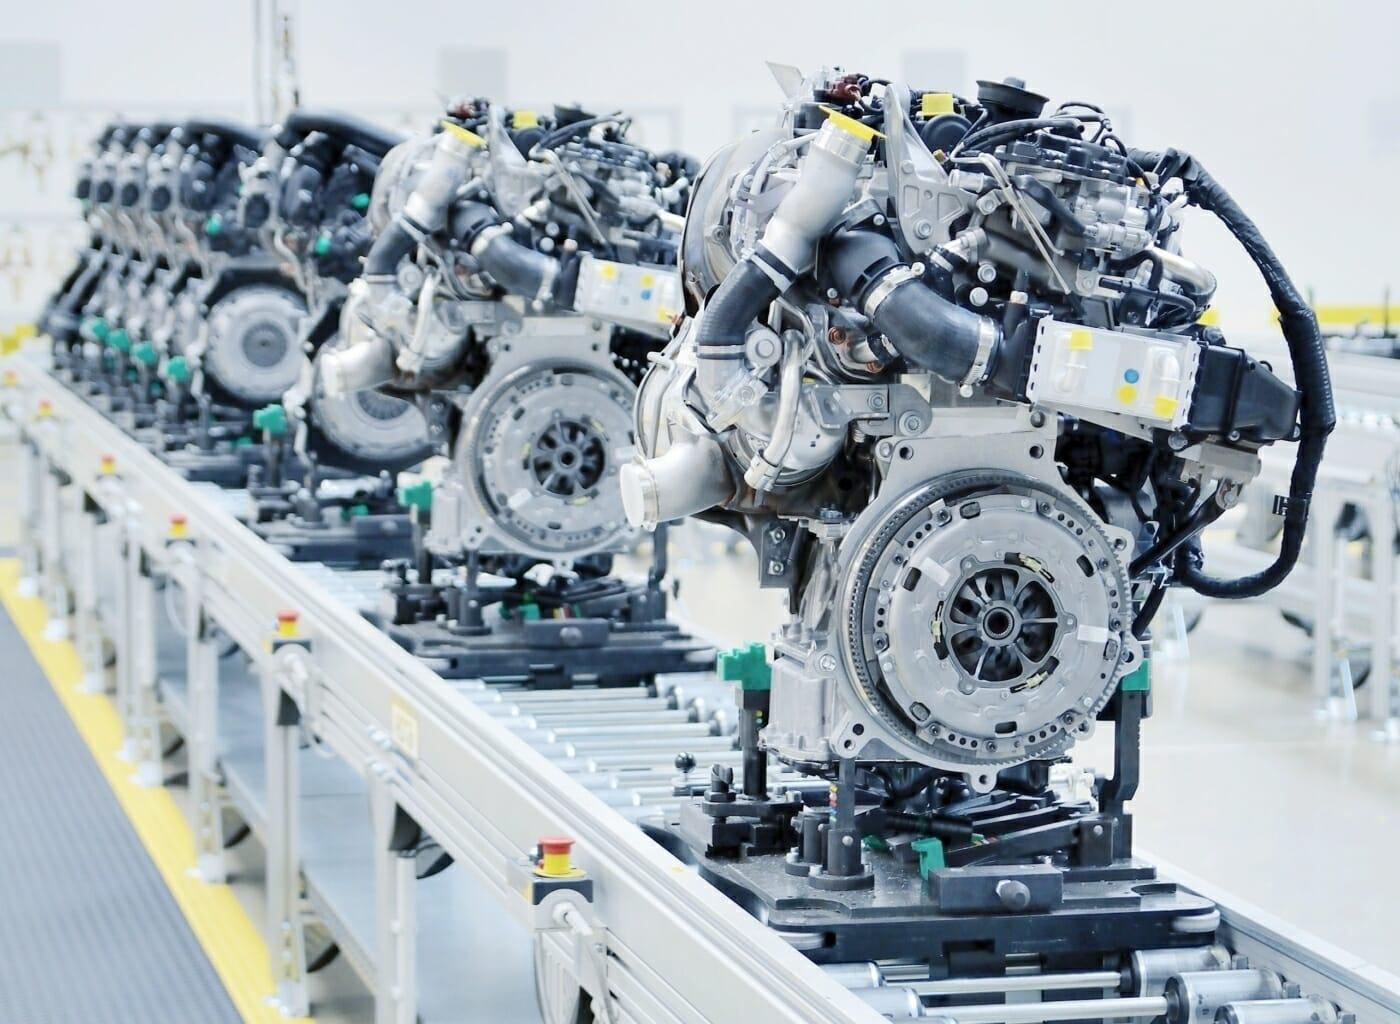 automotive_produktion_shutterstock_572424982_hamik